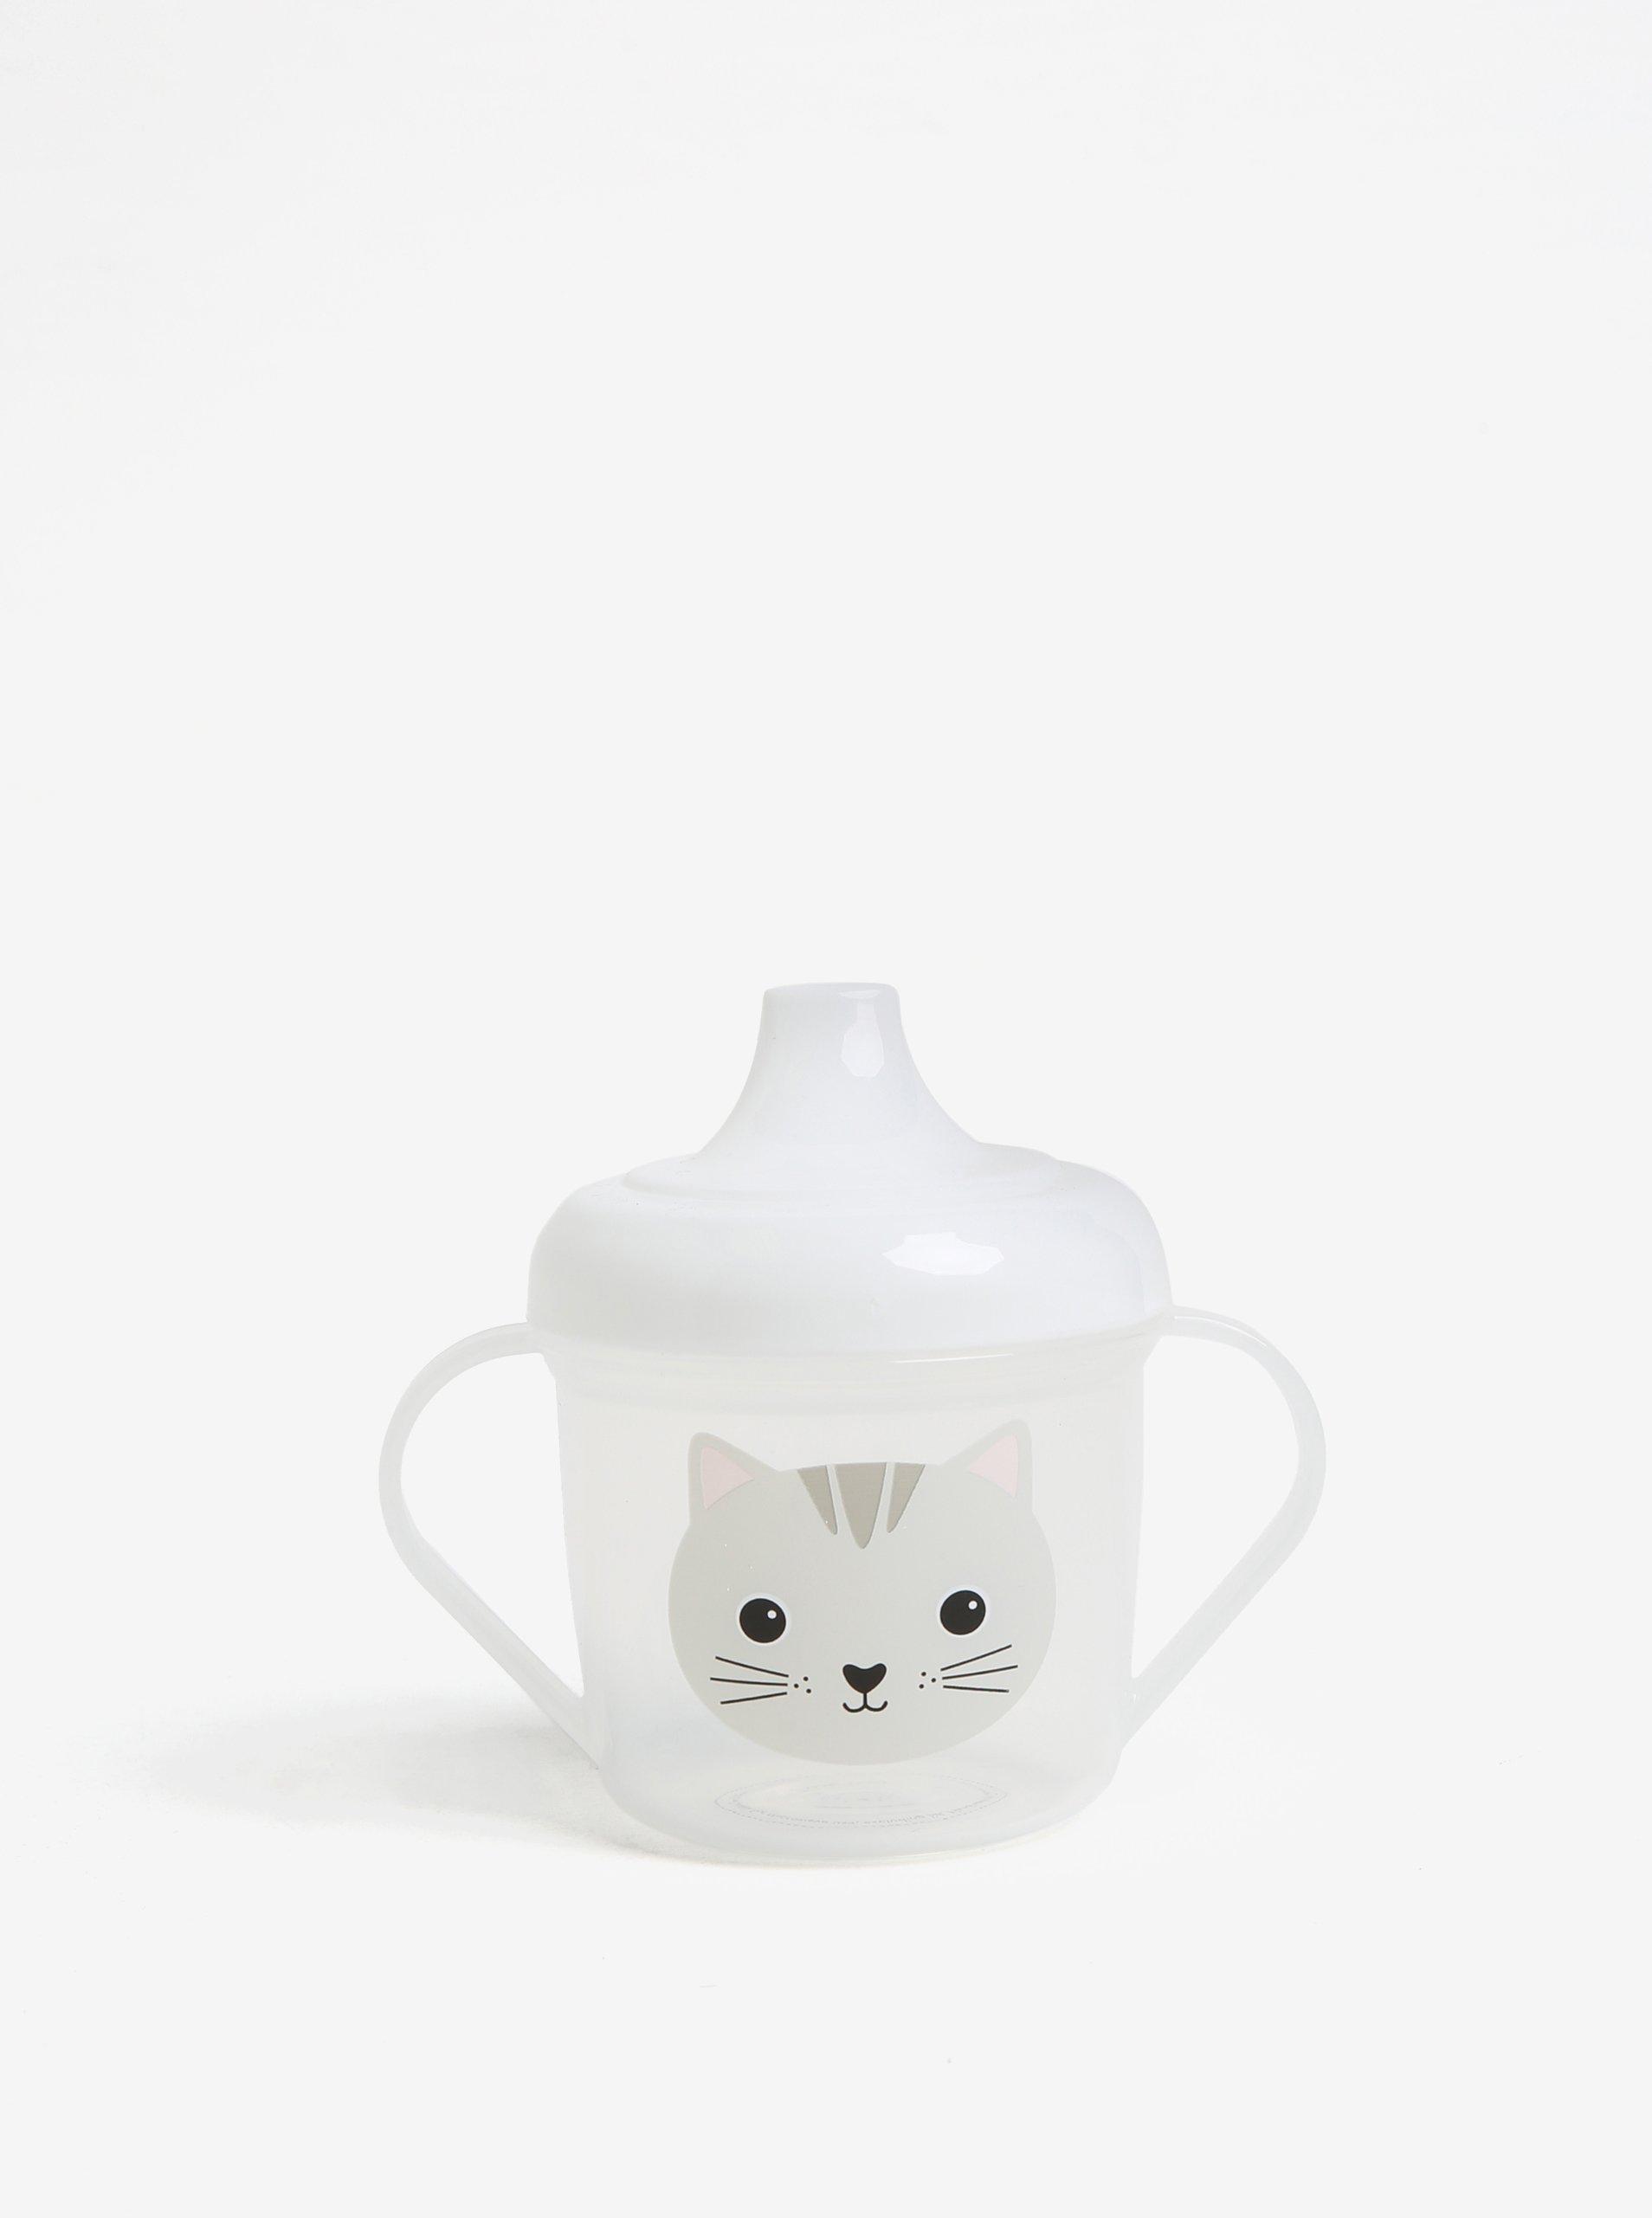 Transparentný detský hrnček s motívom mačky Sass & Belle